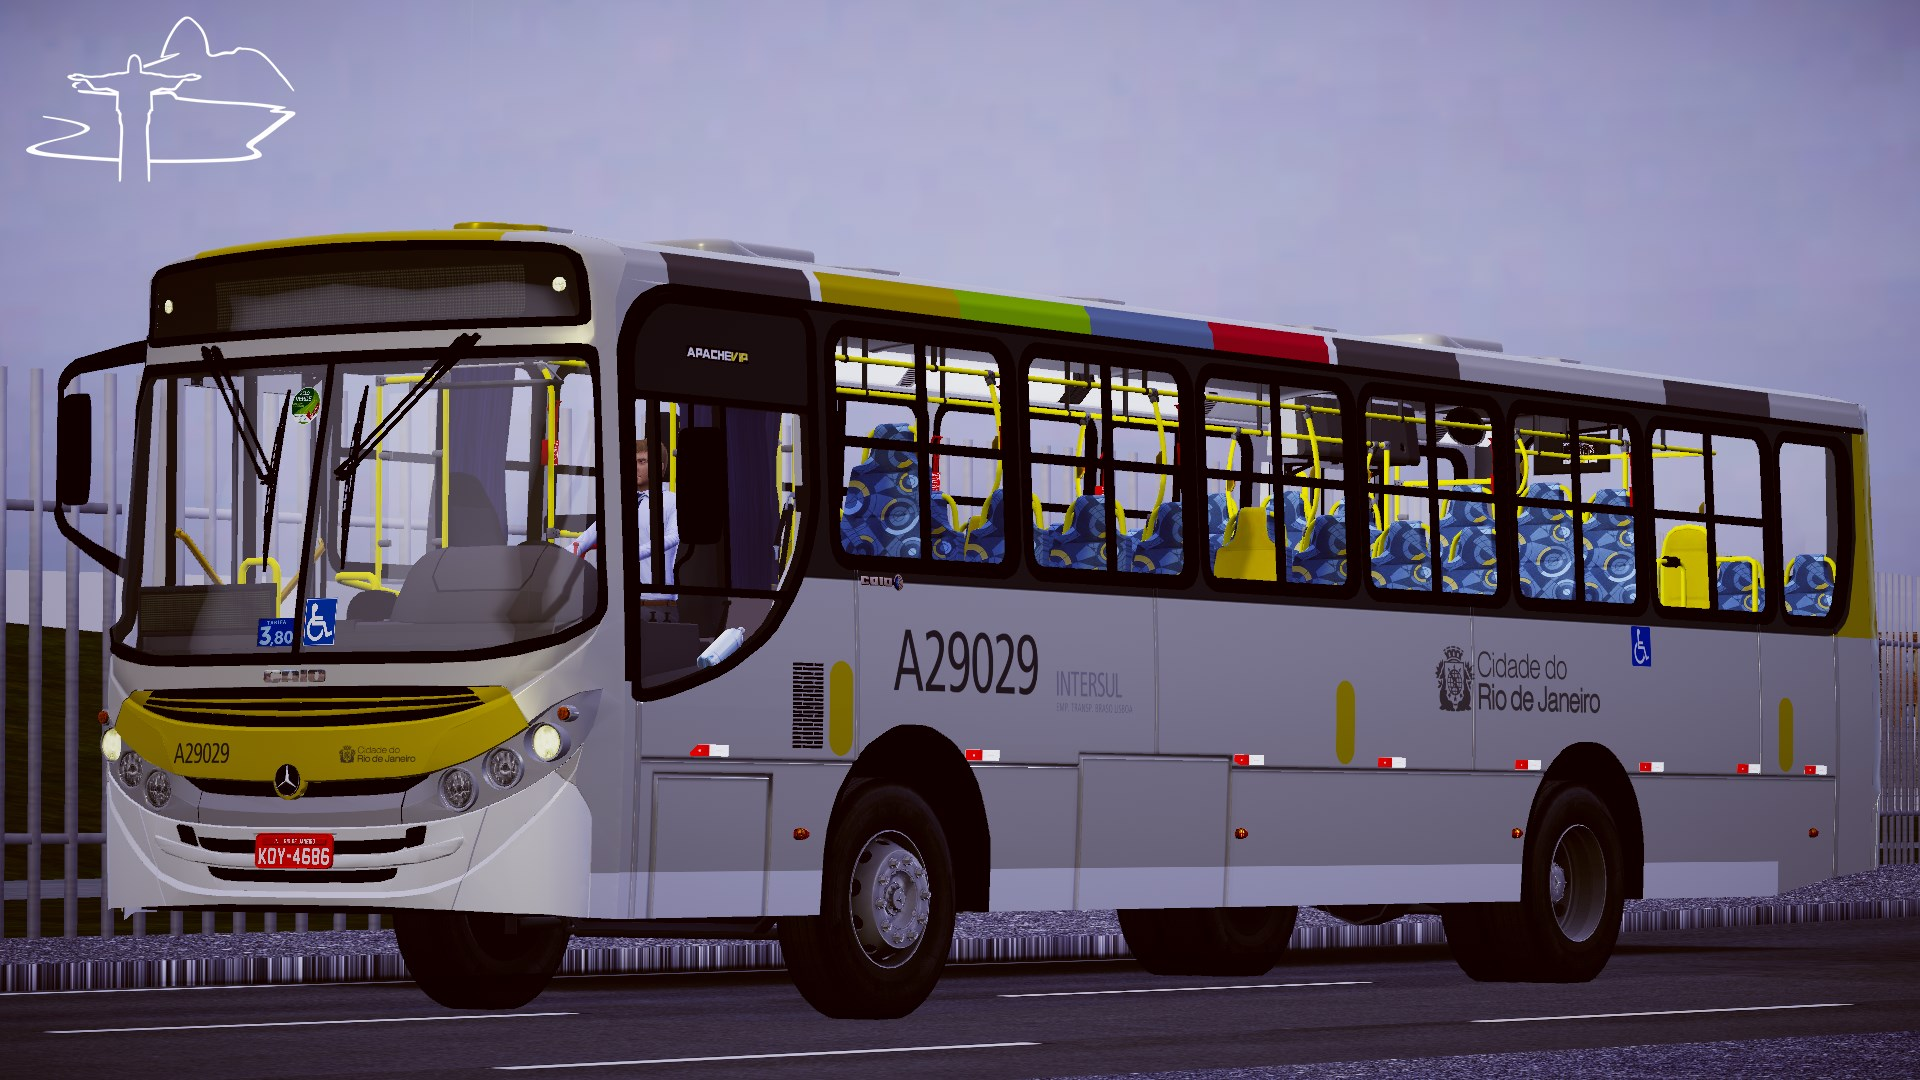 Caio Apache Vip II MB OF-1418 – Padrão Rio de Janeiro (Fase 2) para Proton Bus Simulator/Road